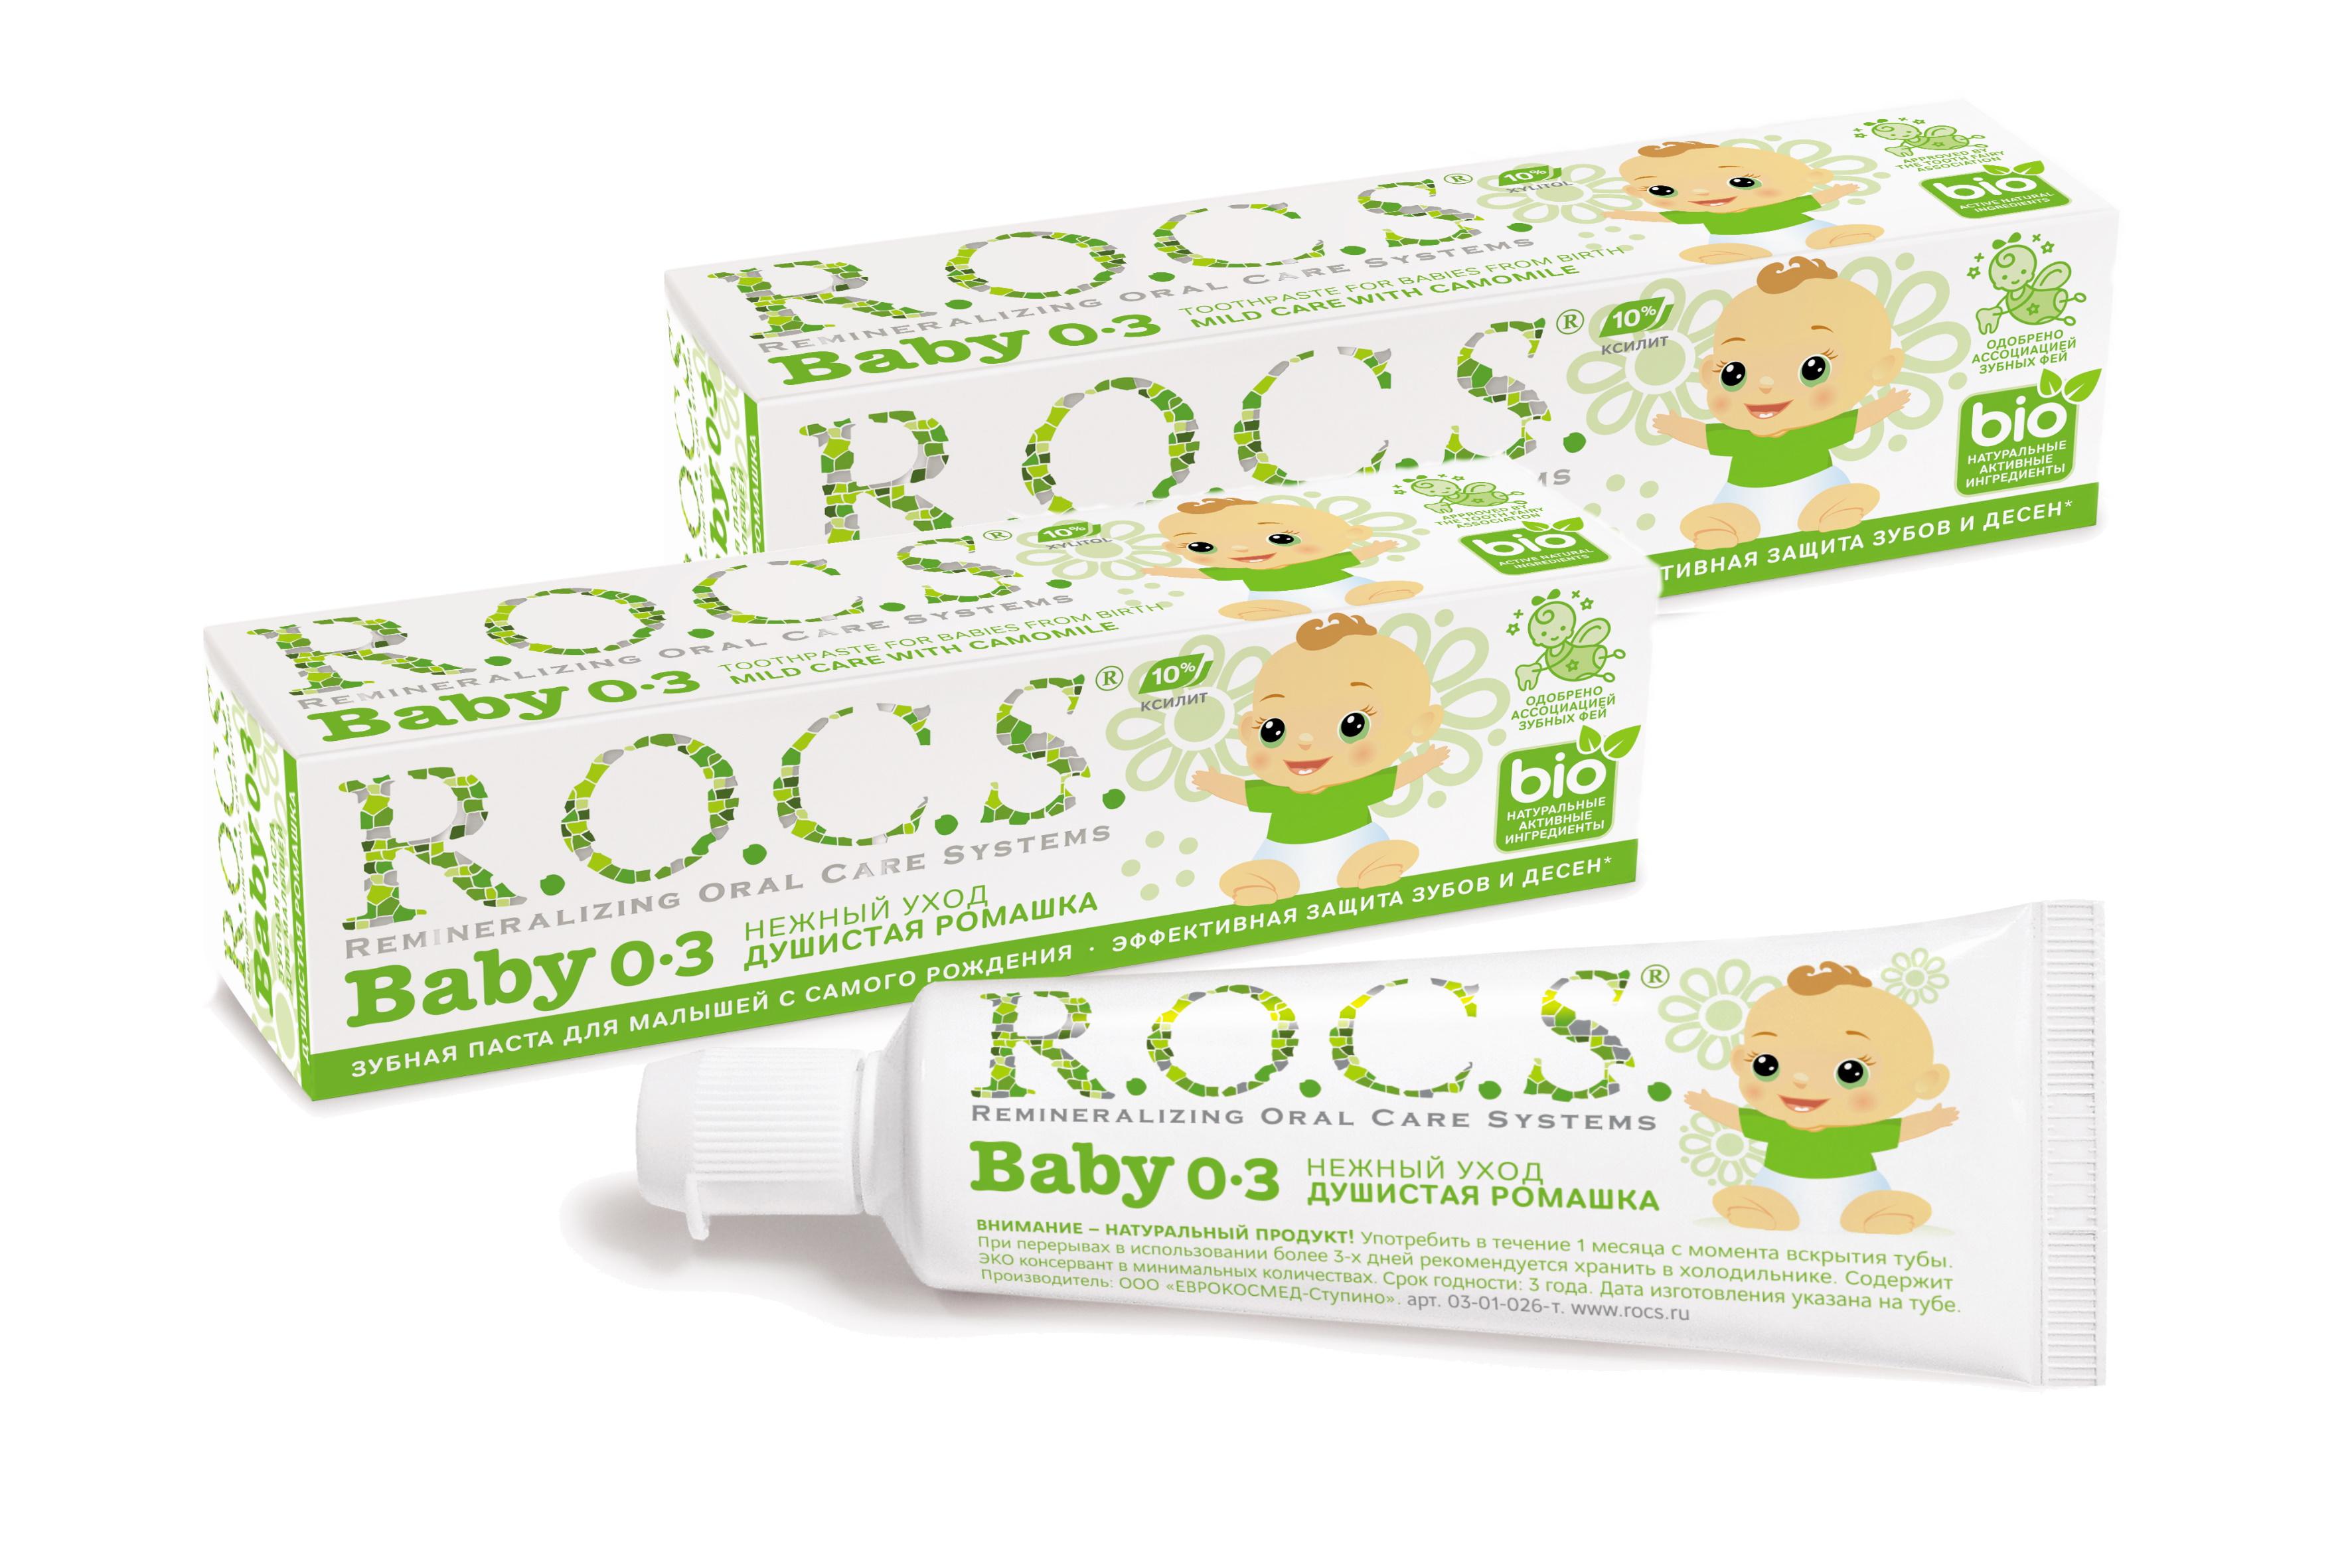 Купить Зубная паста для малышей ROCS BABY ДУШИСТАЯ РОМАШКА, 45 гр (в наборе 2 штуки), R.O.C.S.